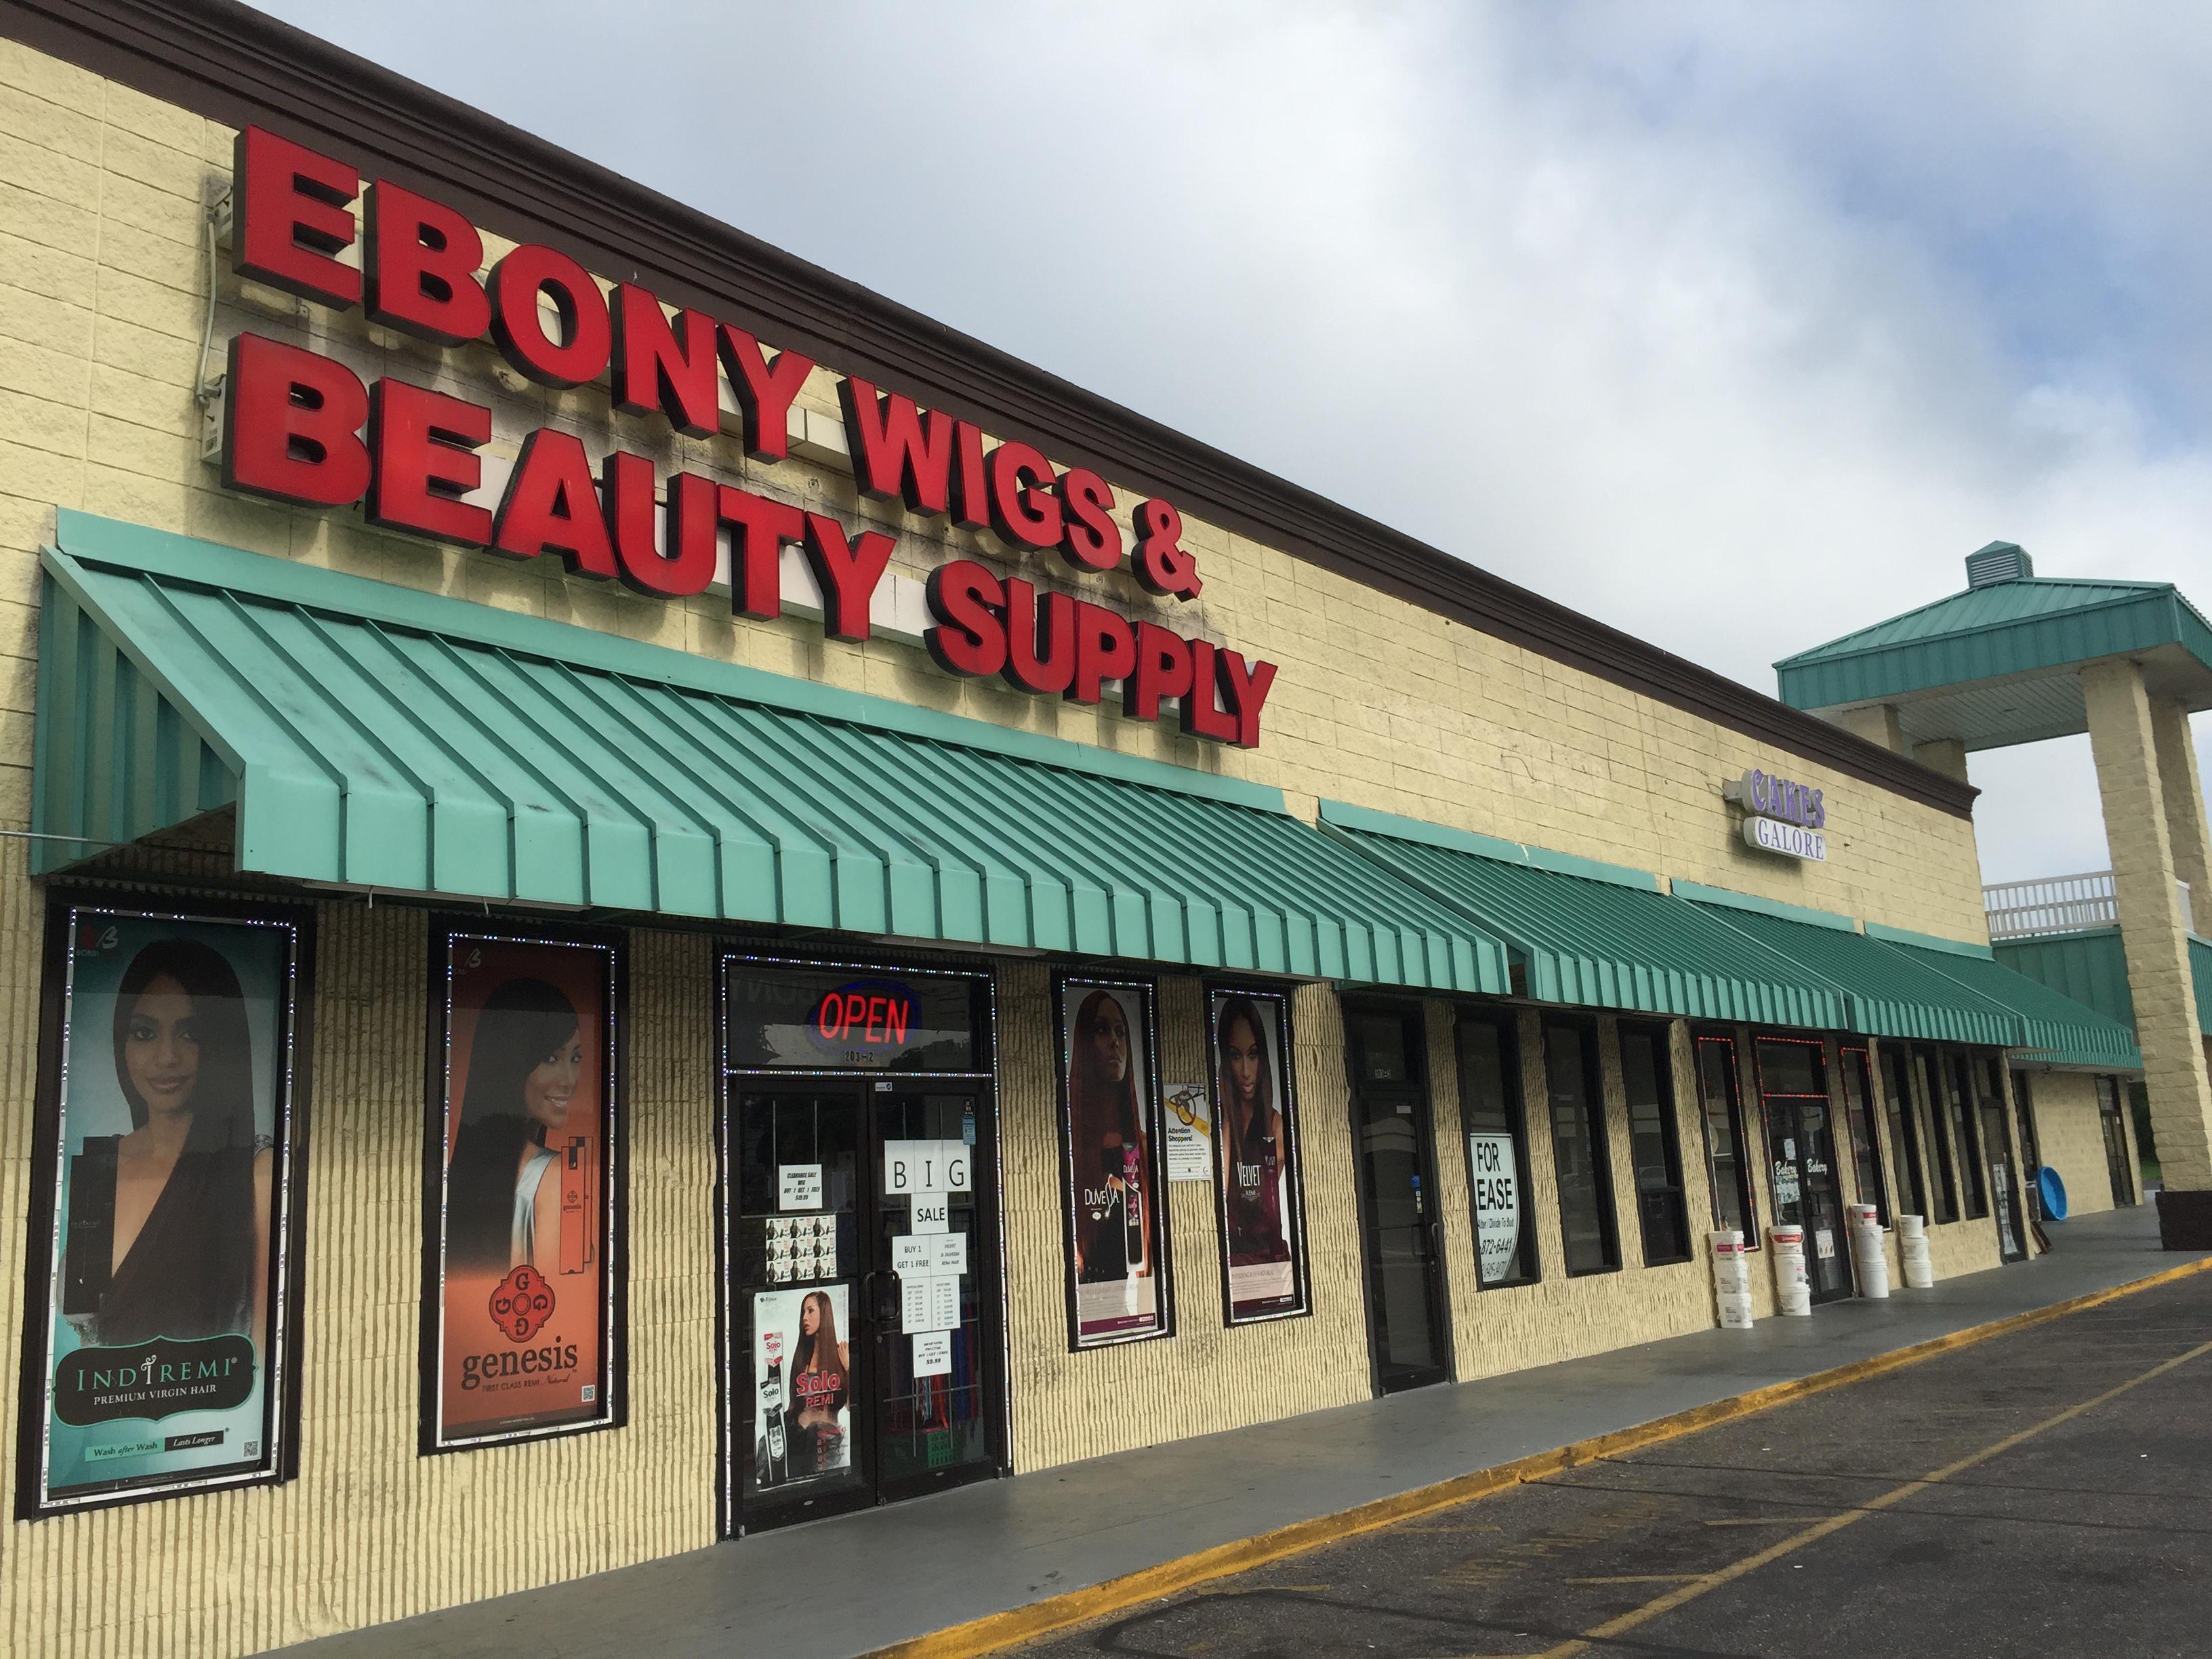 Ebony Beauty Supply 9 W 9th St Ste 9, Jacksonville, FL 39908 ...